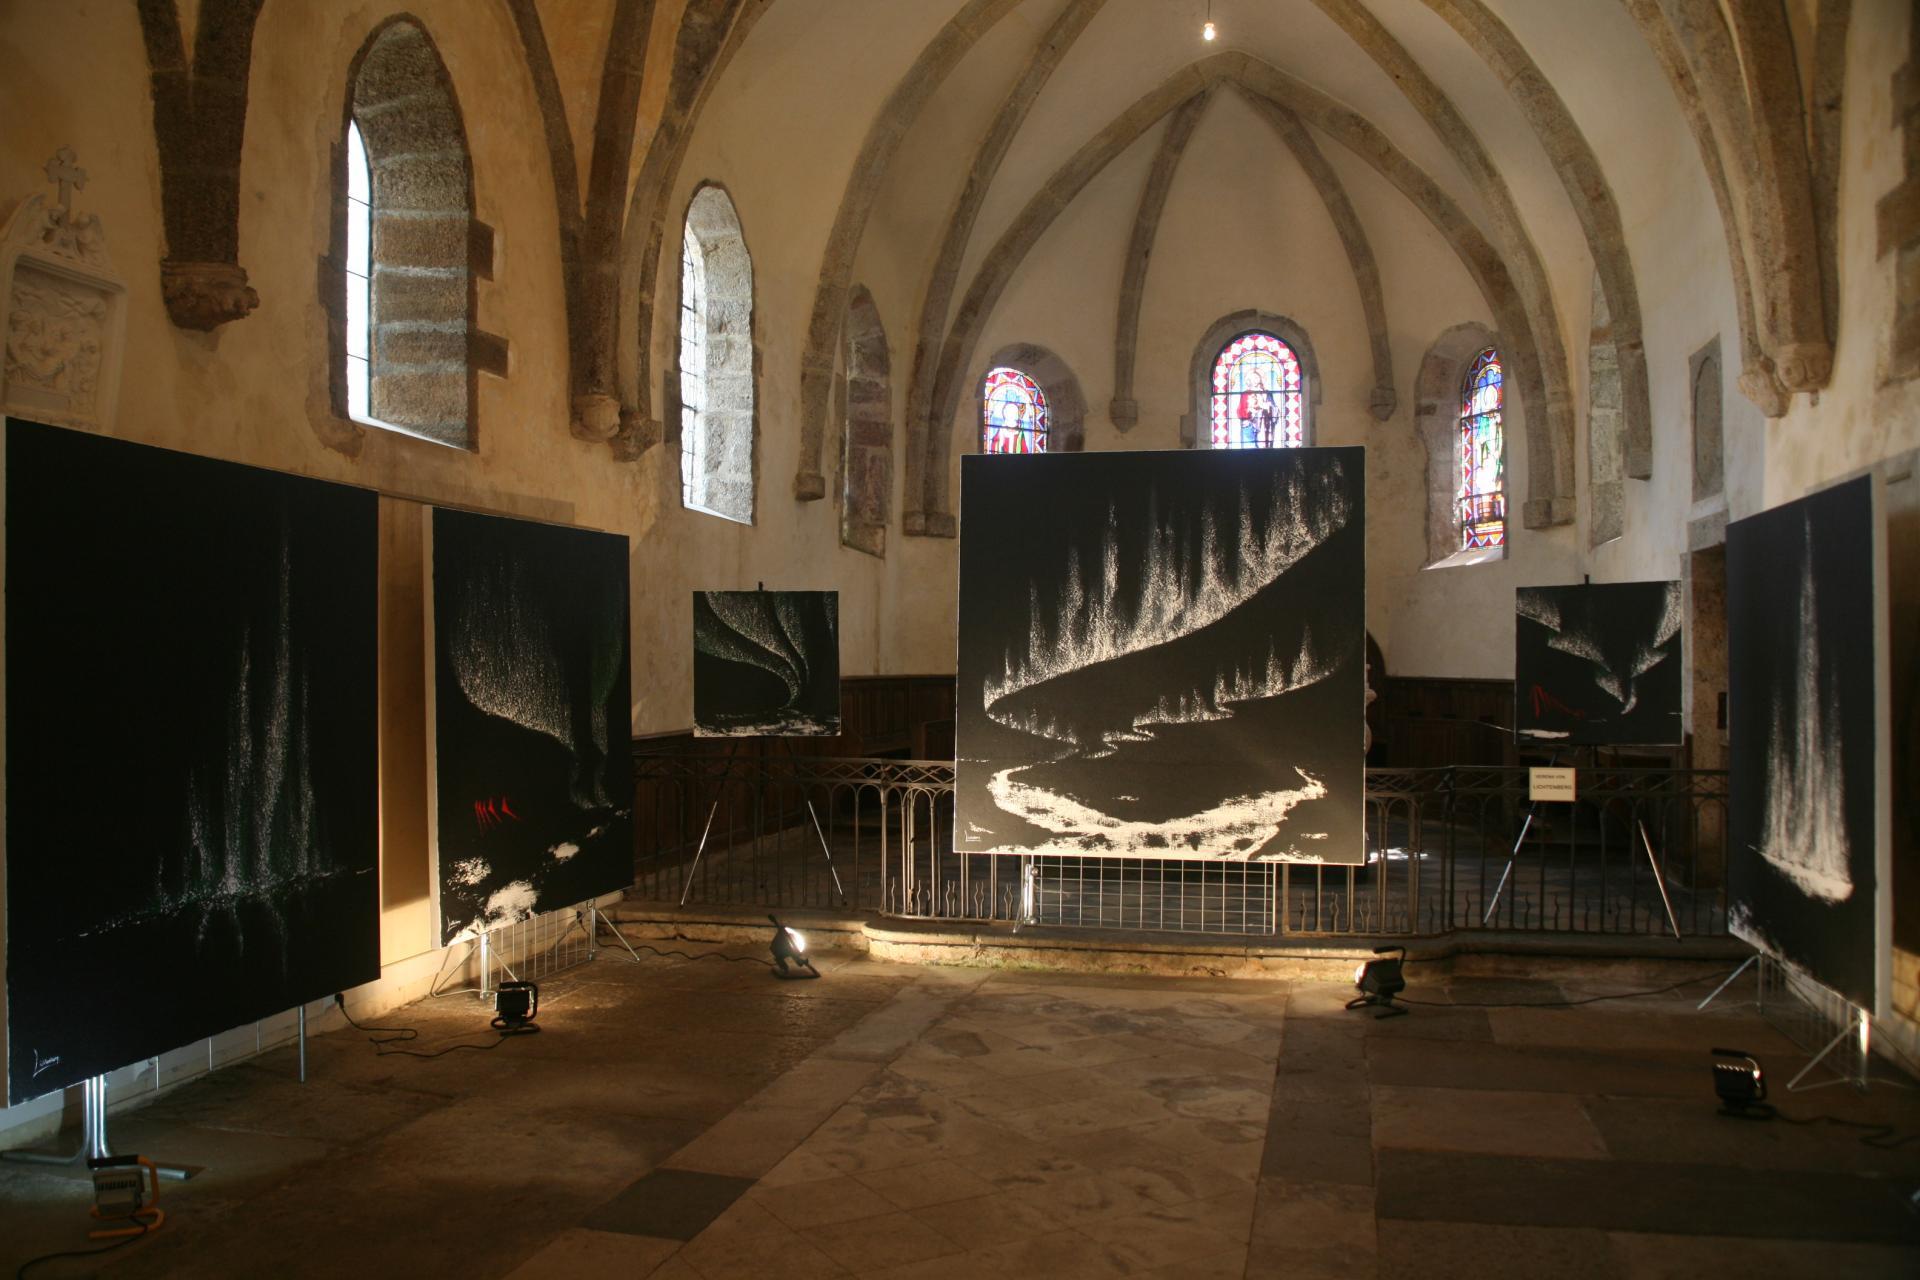 L artiste peintre verena v lichtenberg est a saulieu avec les oeuvres d art et tableaux de l exposition nl invitee anne catherine loisier sanateur maire